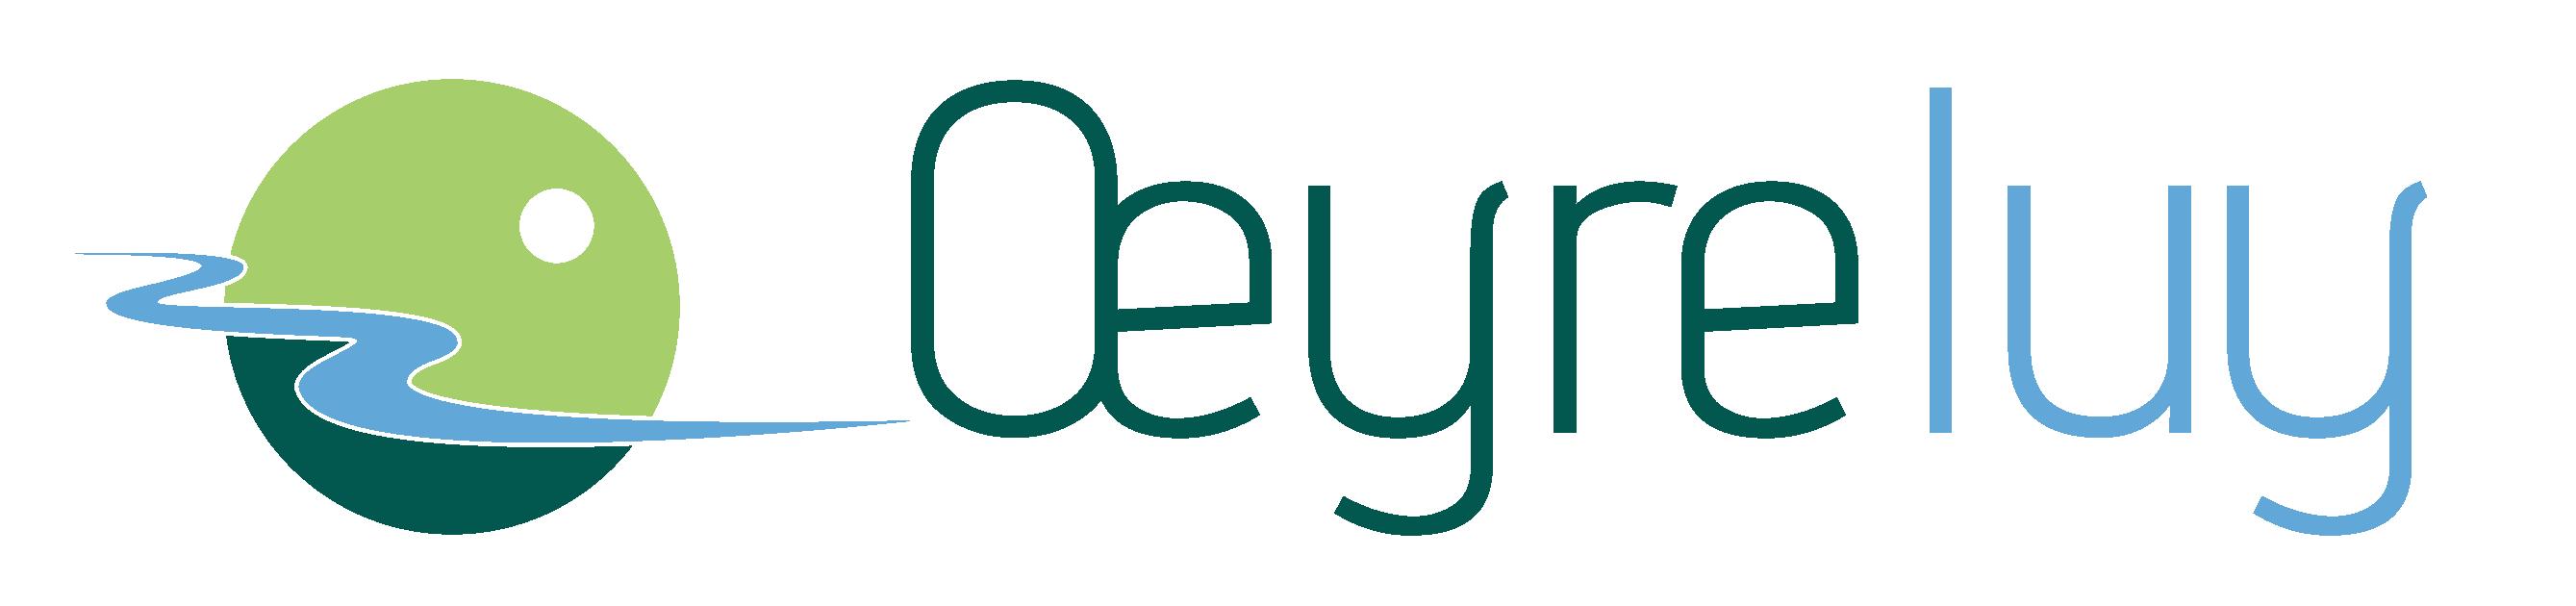 Commune de Oeyreluy